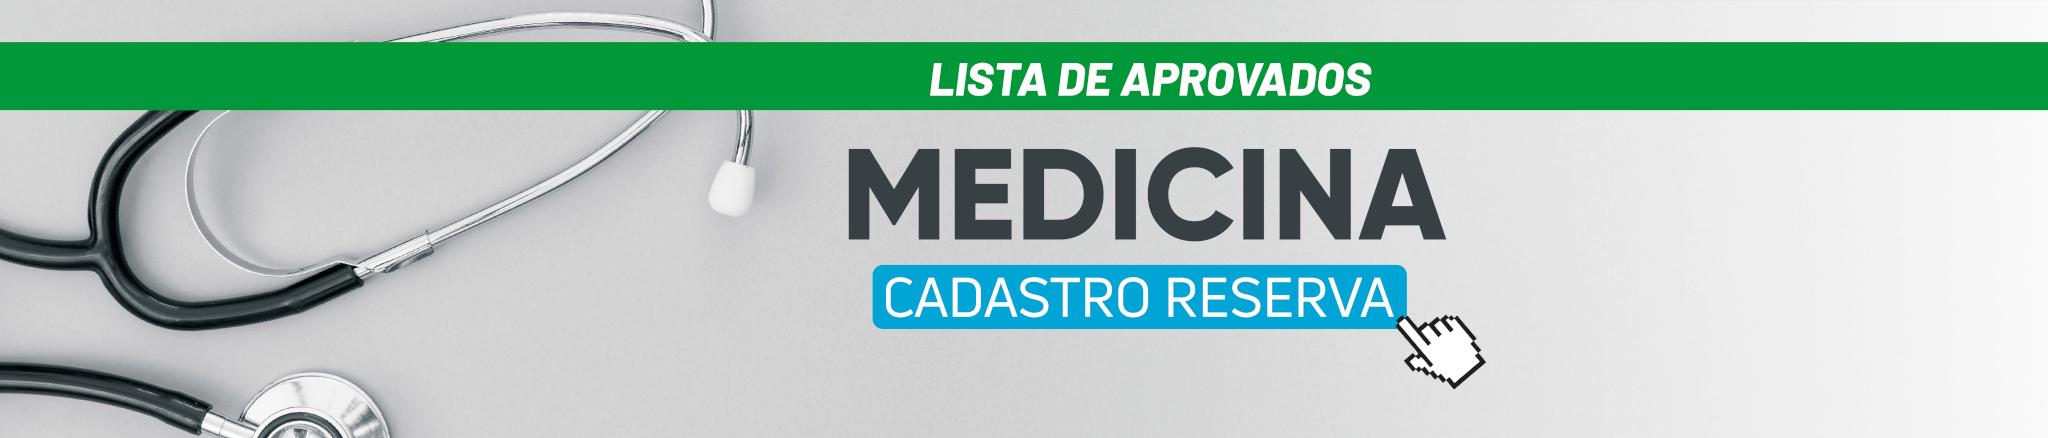 Banner site lista de aprovados cadastro reserva medicina desktop